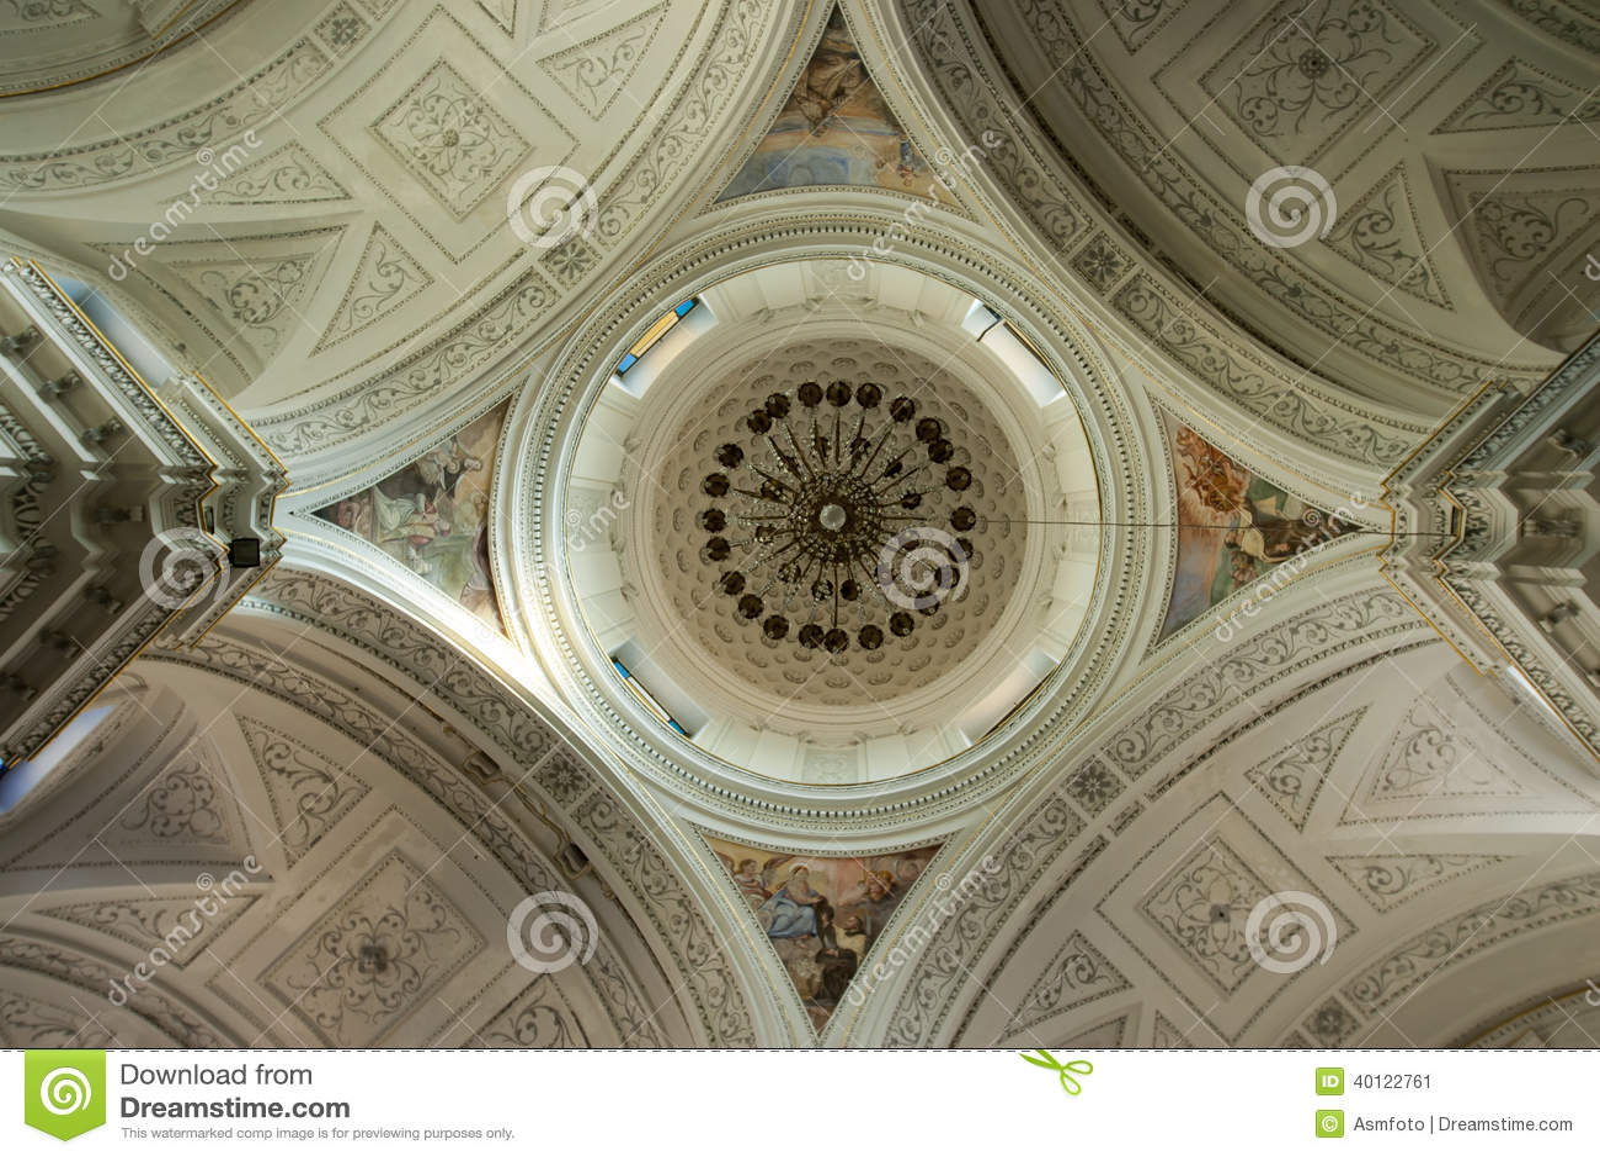 Cúpula interior de la iglesia de abajo hacia arriba en simetría